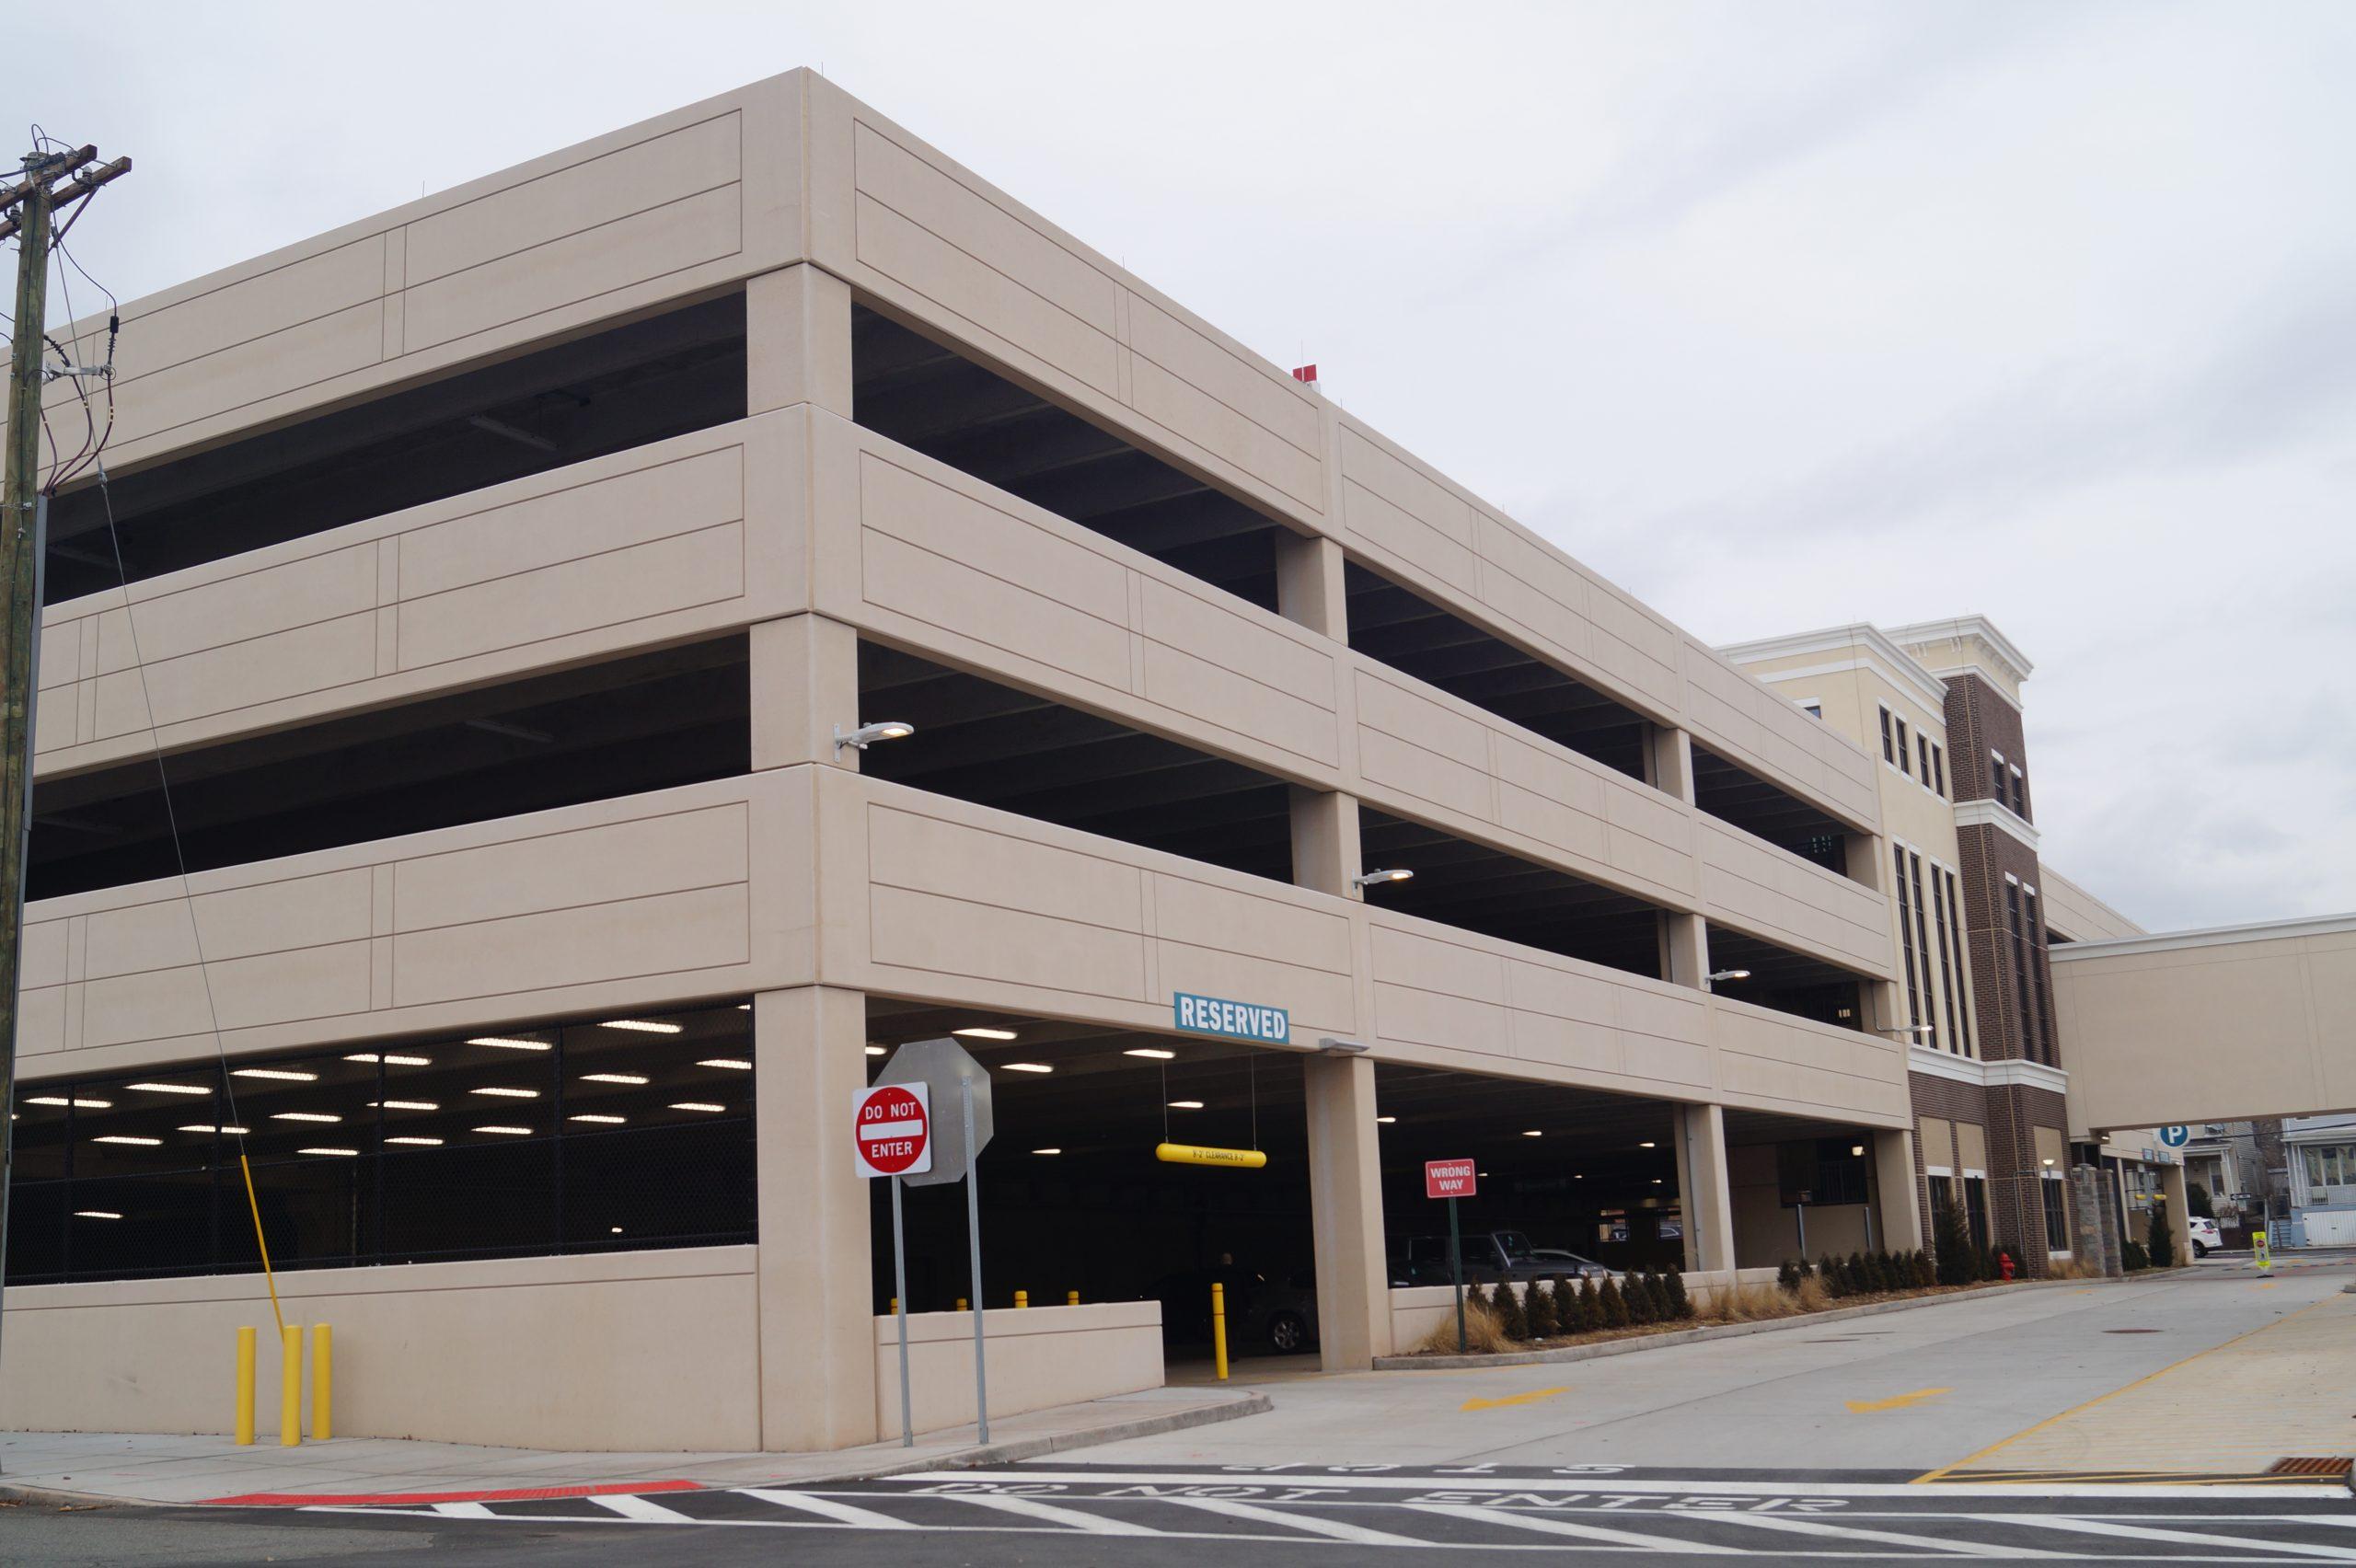 St. Barnabas Parking Garage